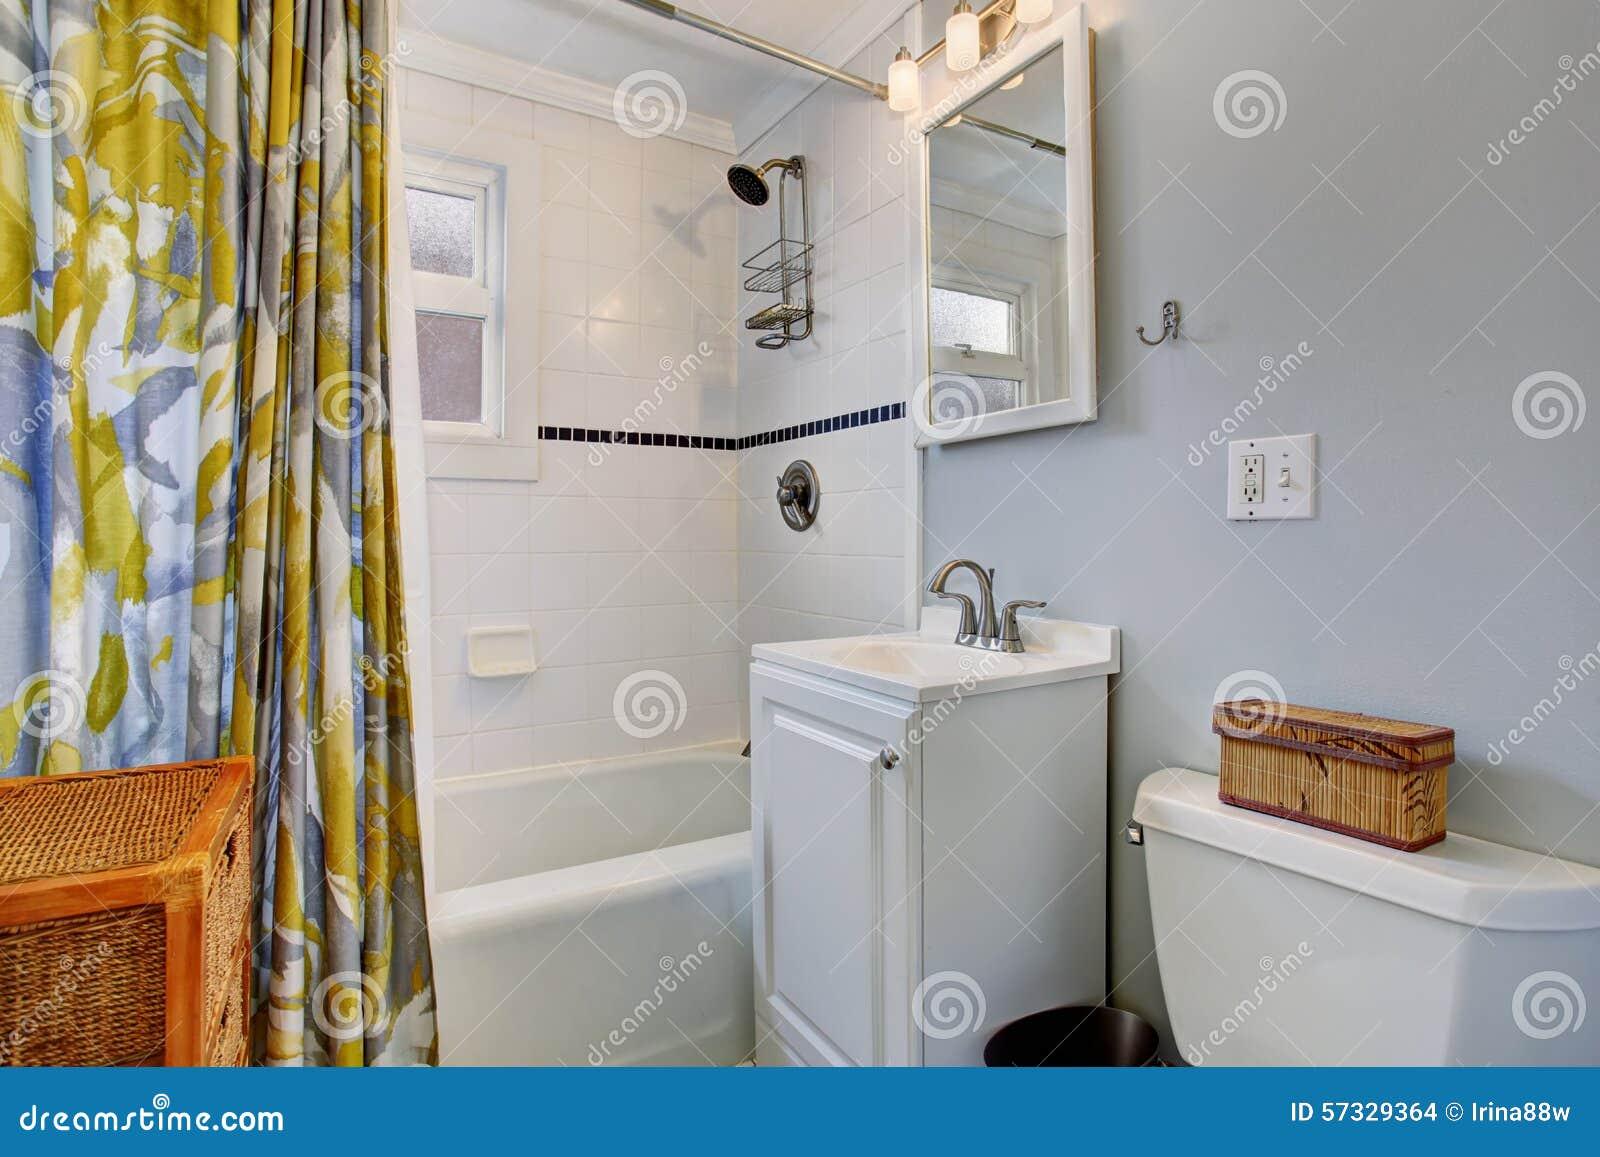 Bagni Con Doccia Foto : Piccolo bagno con le pareti blu e tenda di doccia variopinta